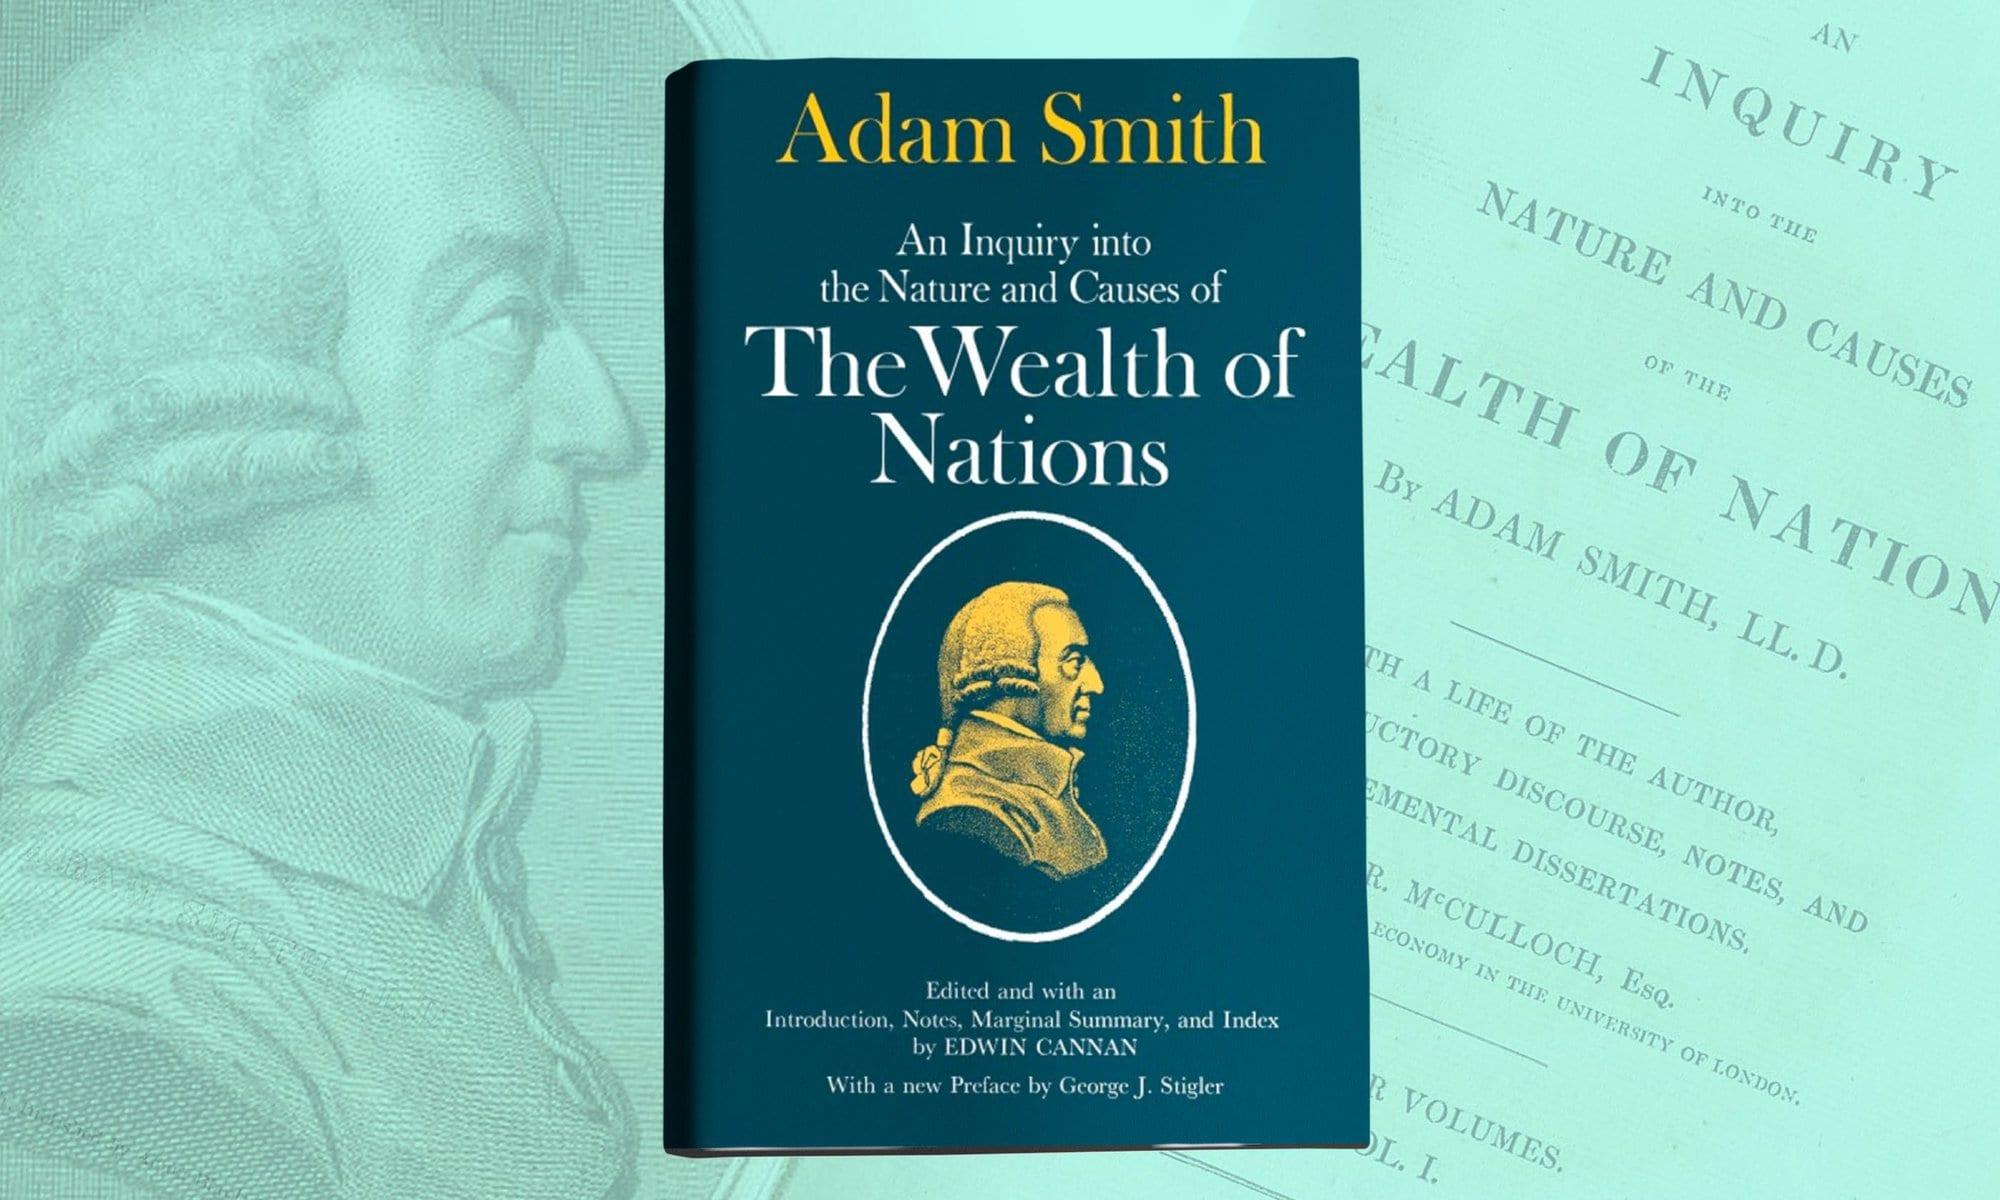 De qué trata La Riqueza de las Naciones